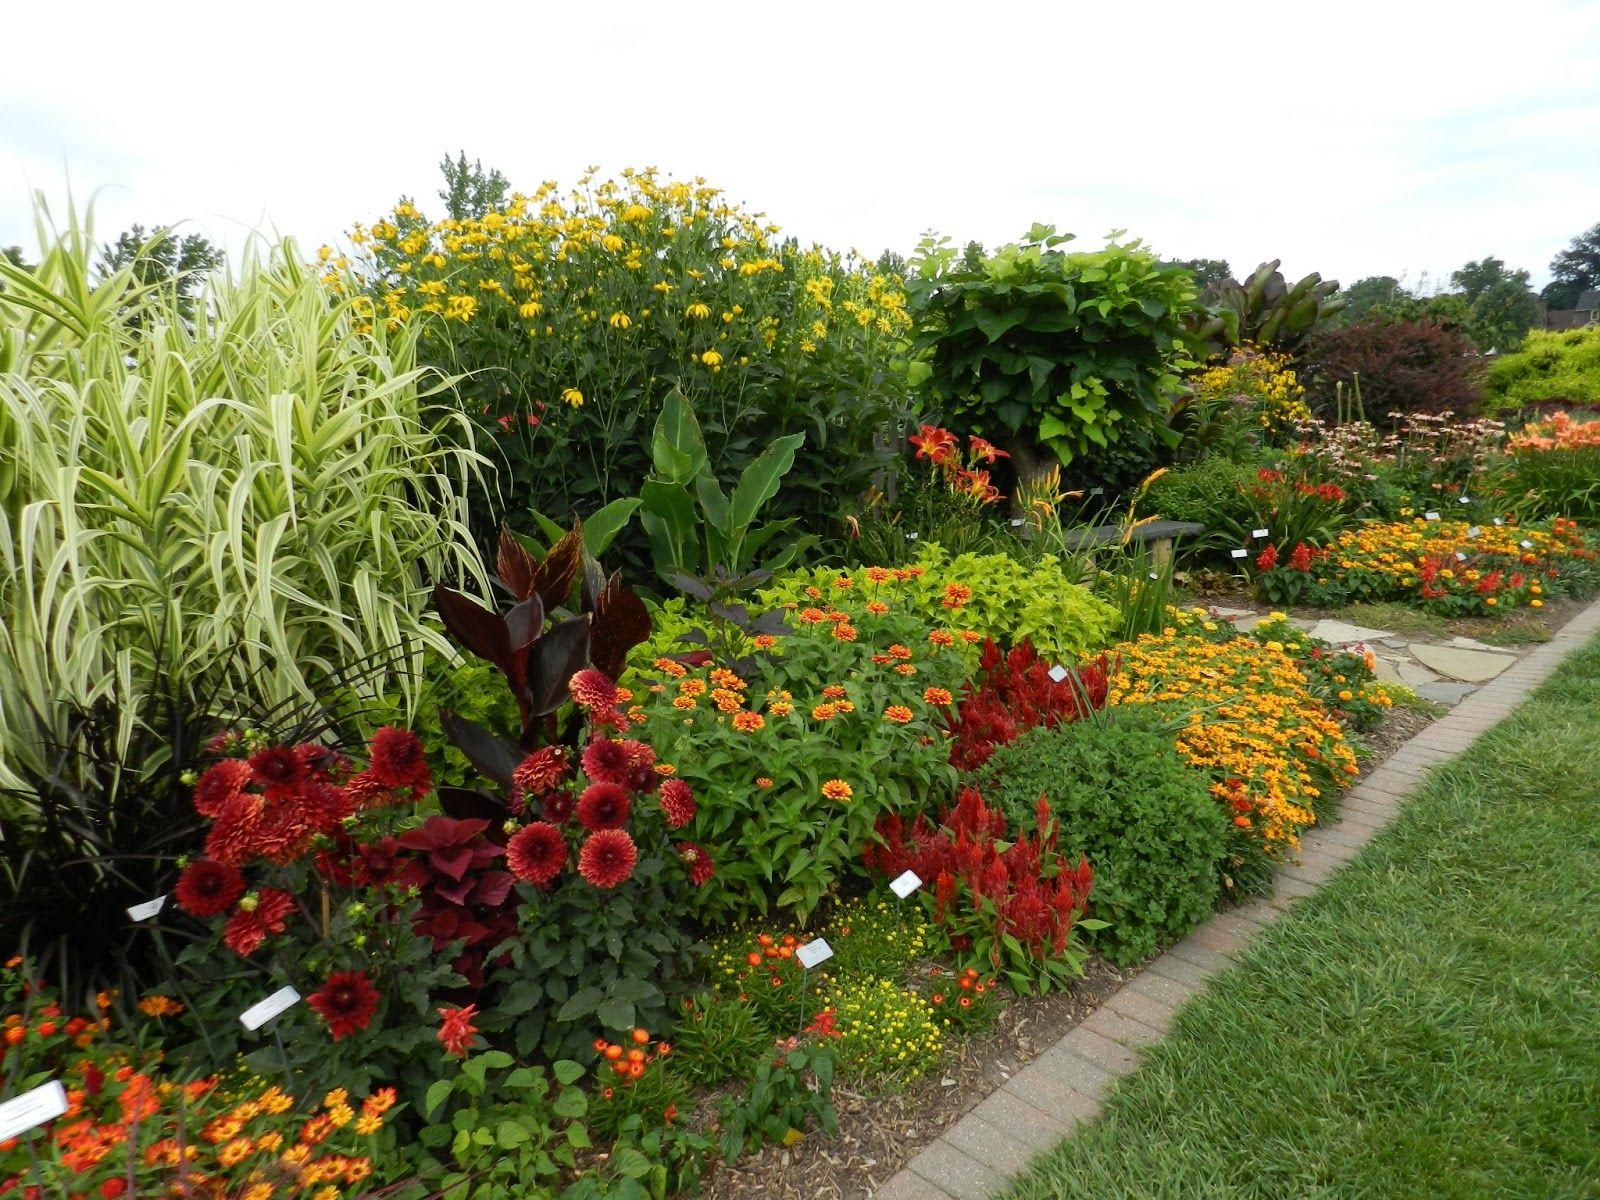 Idea Garden At The University Of Illinois